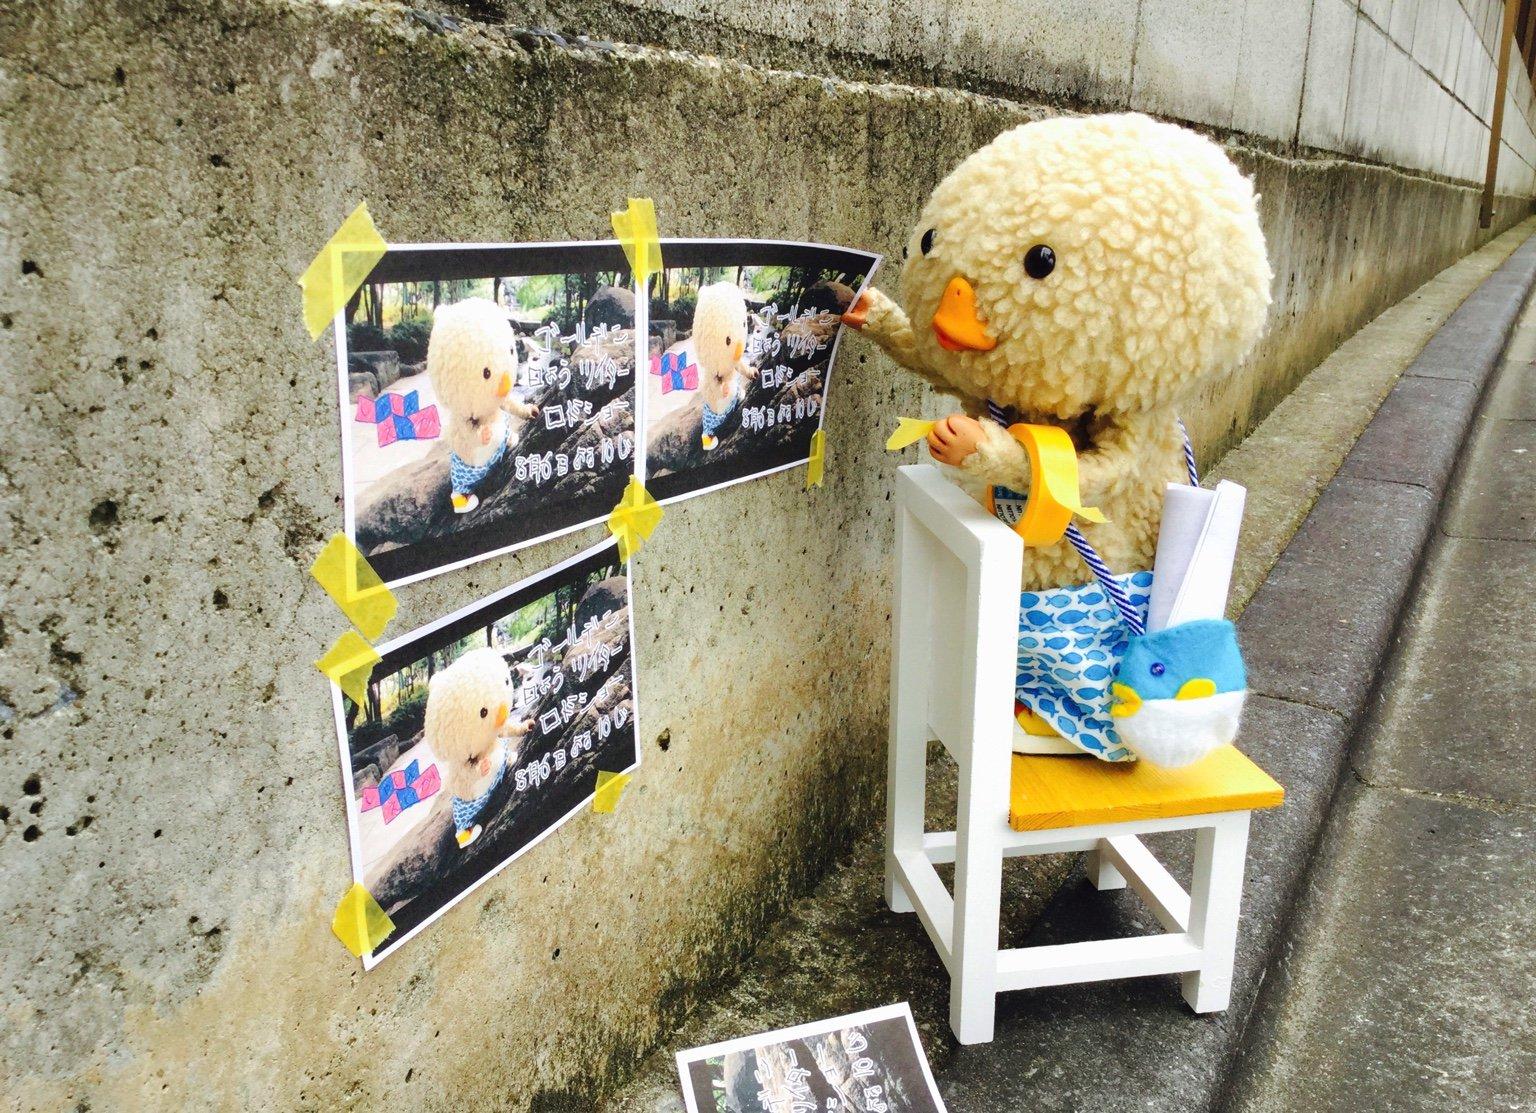 東京トガリくん,自作映画の宣伝,ポスター貼り,自主製作